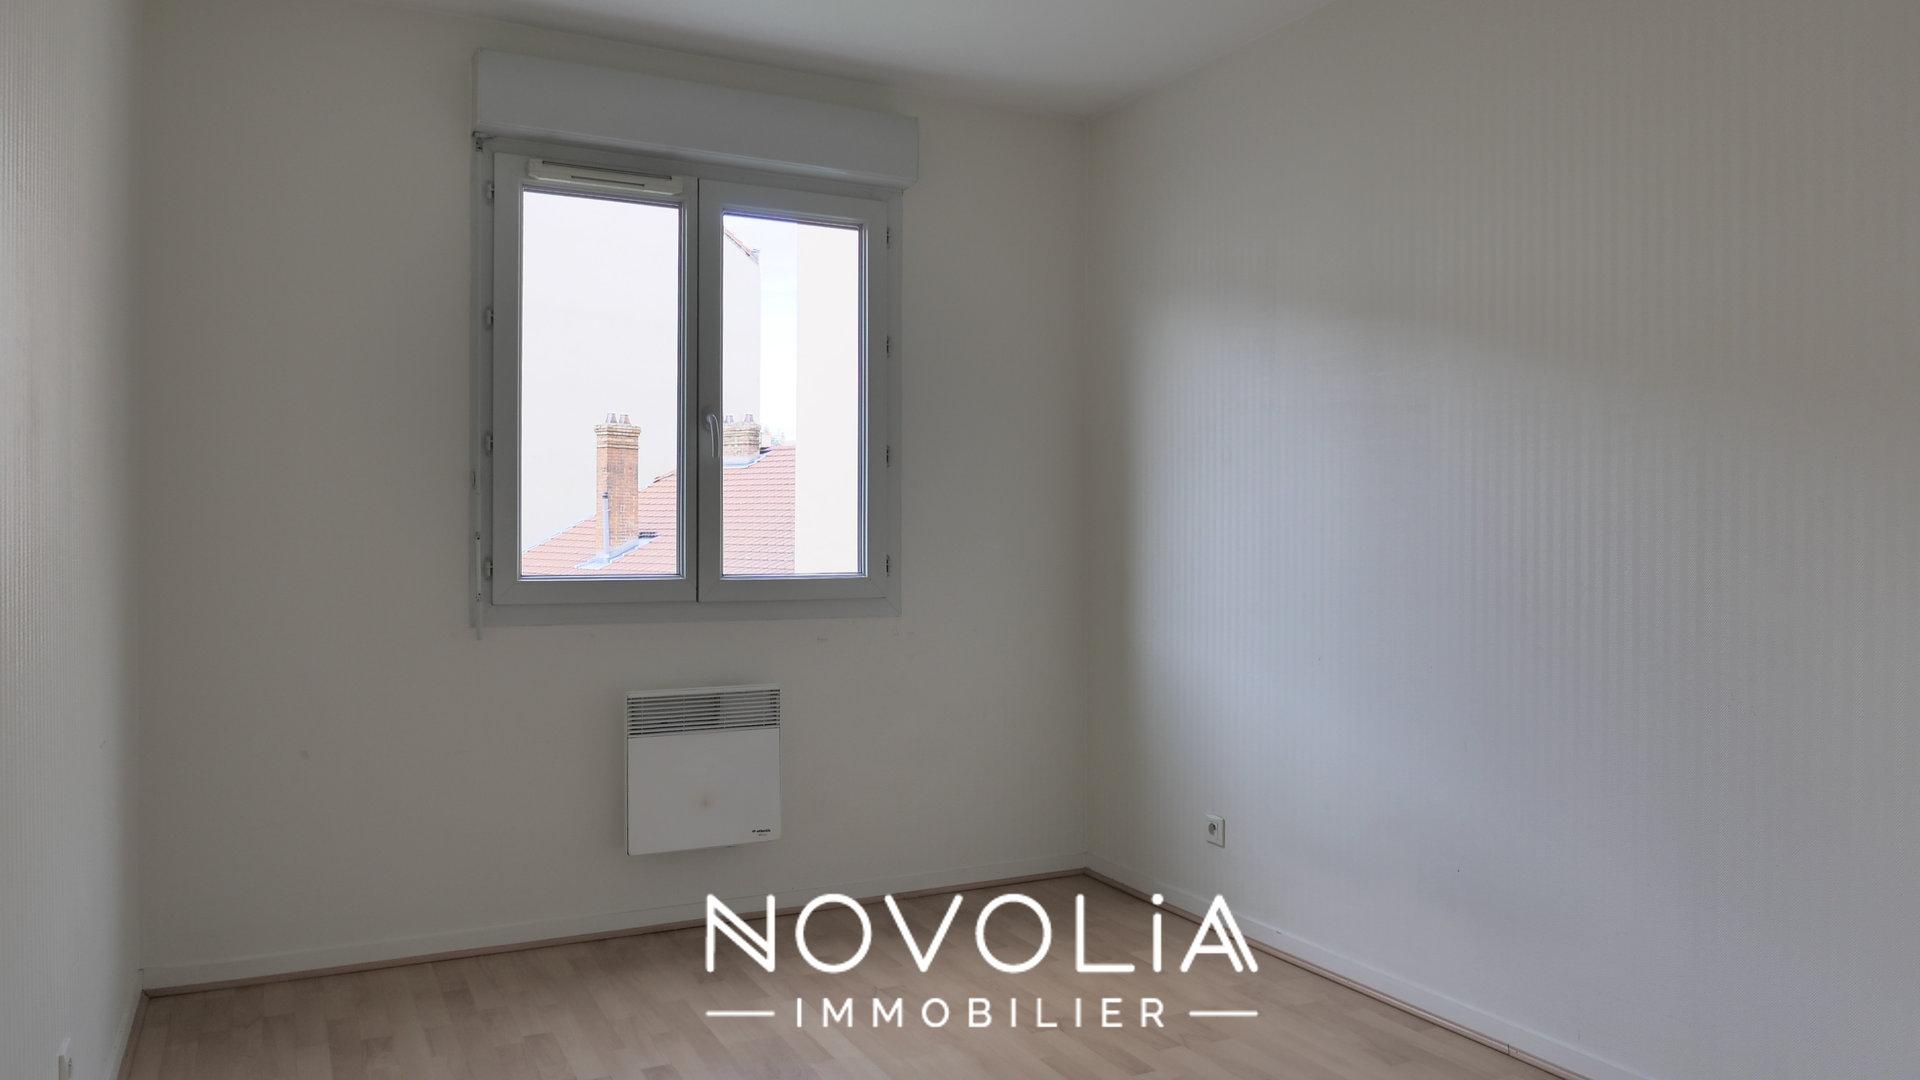 Achat Appartement, Surface de 86.42 m²/ Total carrez : 86.42 m², 4 pièces, Villeurbanne (69100)